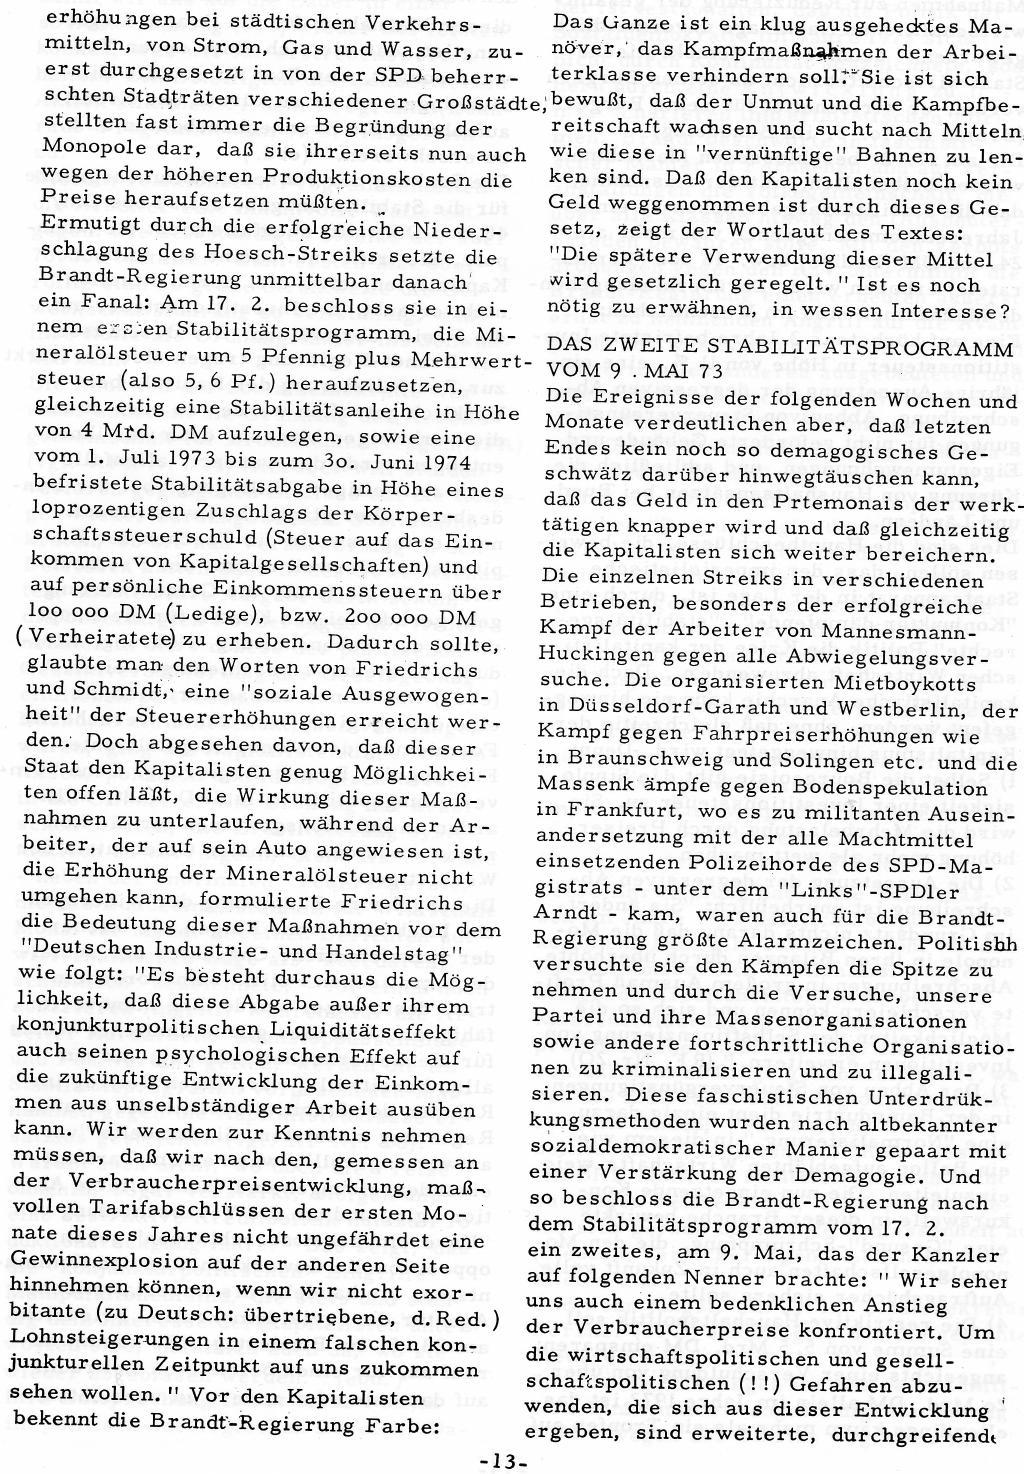 RPK_1973_041_042_043_13